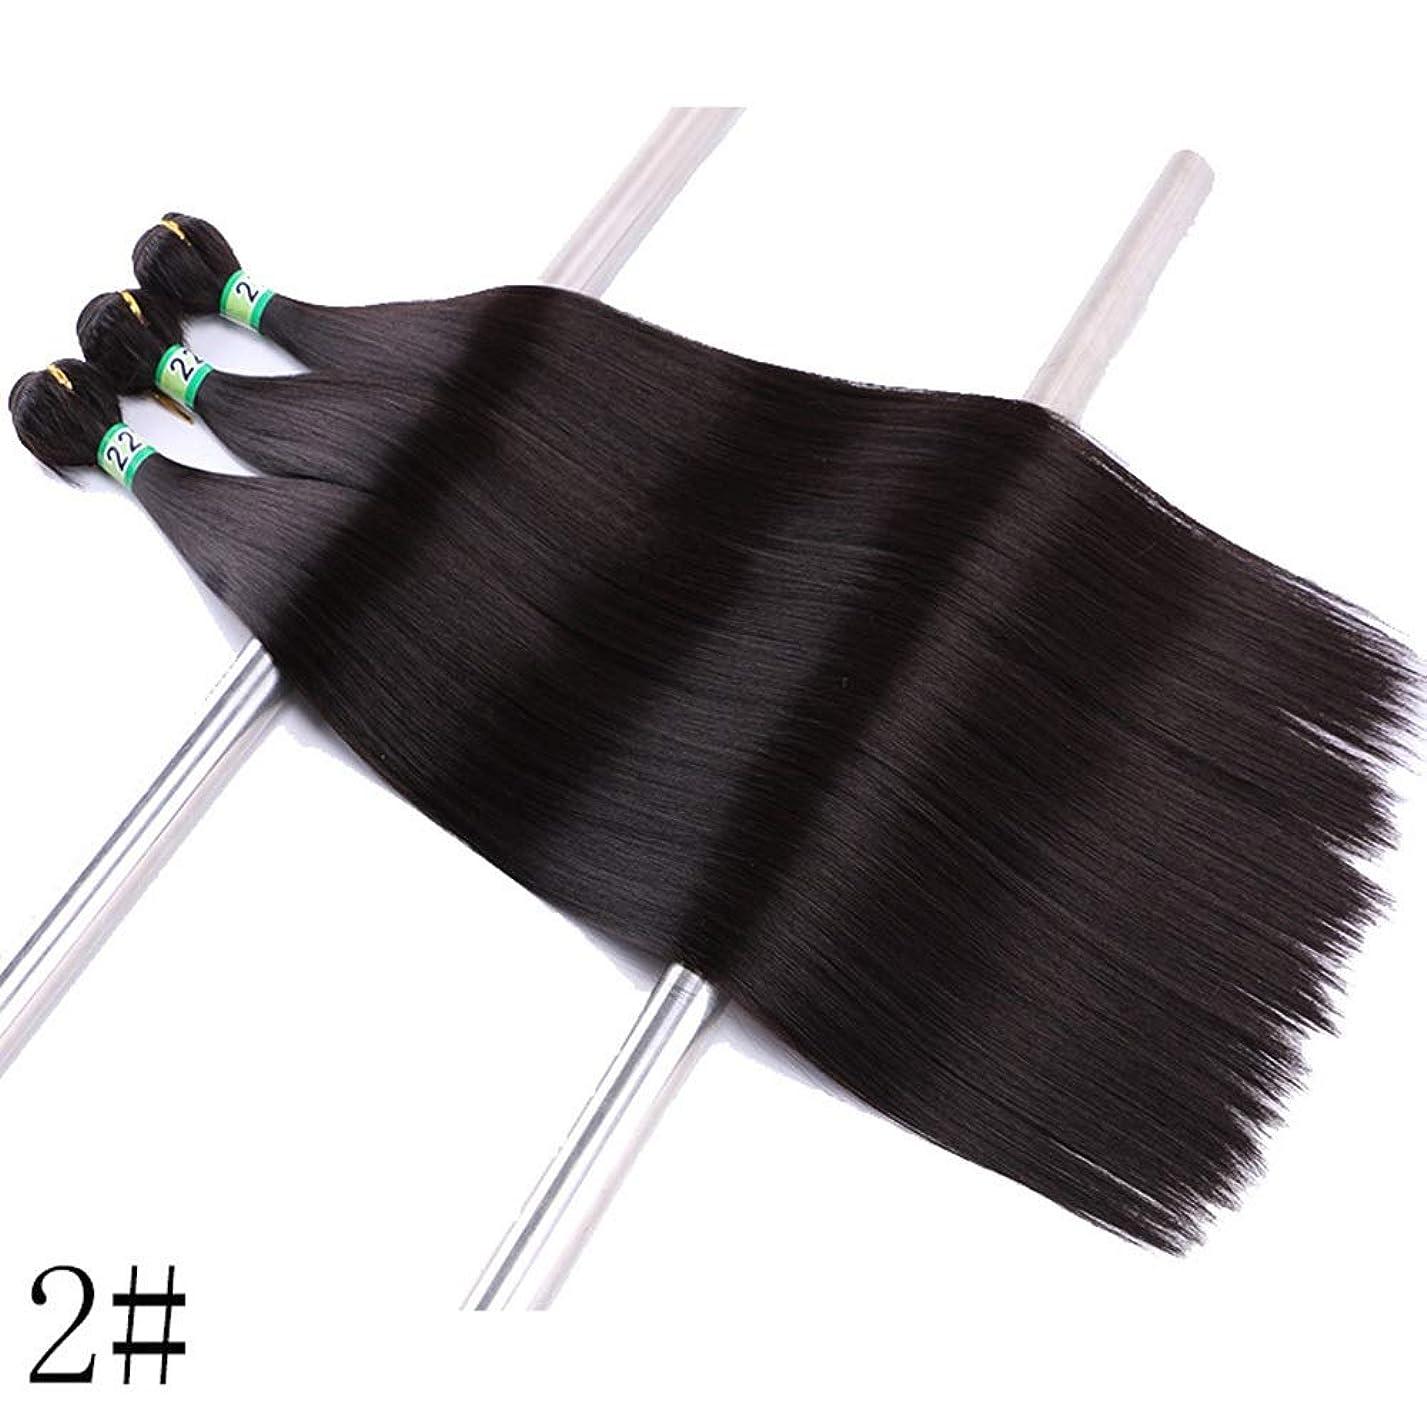 麻酔薬気づかない混雑BOBIDYEE 合成髪織り3バンドルヘアエクステンション - ストレートヘア - ナチュラルブラック(2#、100g)合成髪レースかつらロールプレイングかつら長くて短い女性自然 (色 : Photo color, サイズ : 18inch)